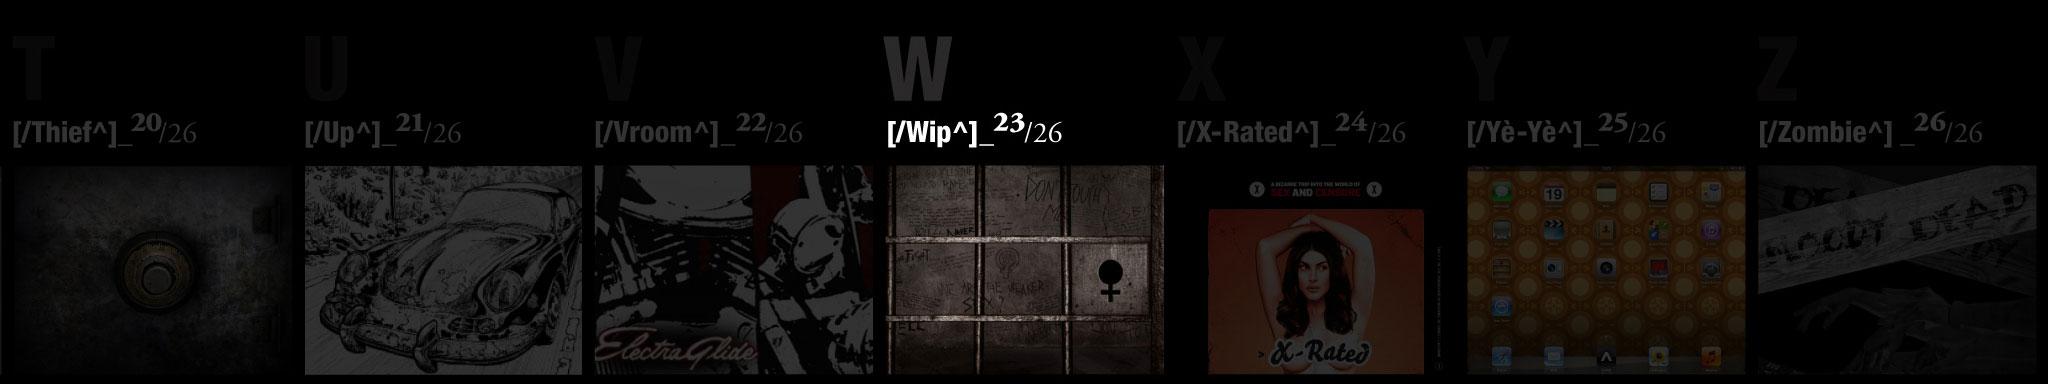 Tavola-sinottica_05_W_Wip